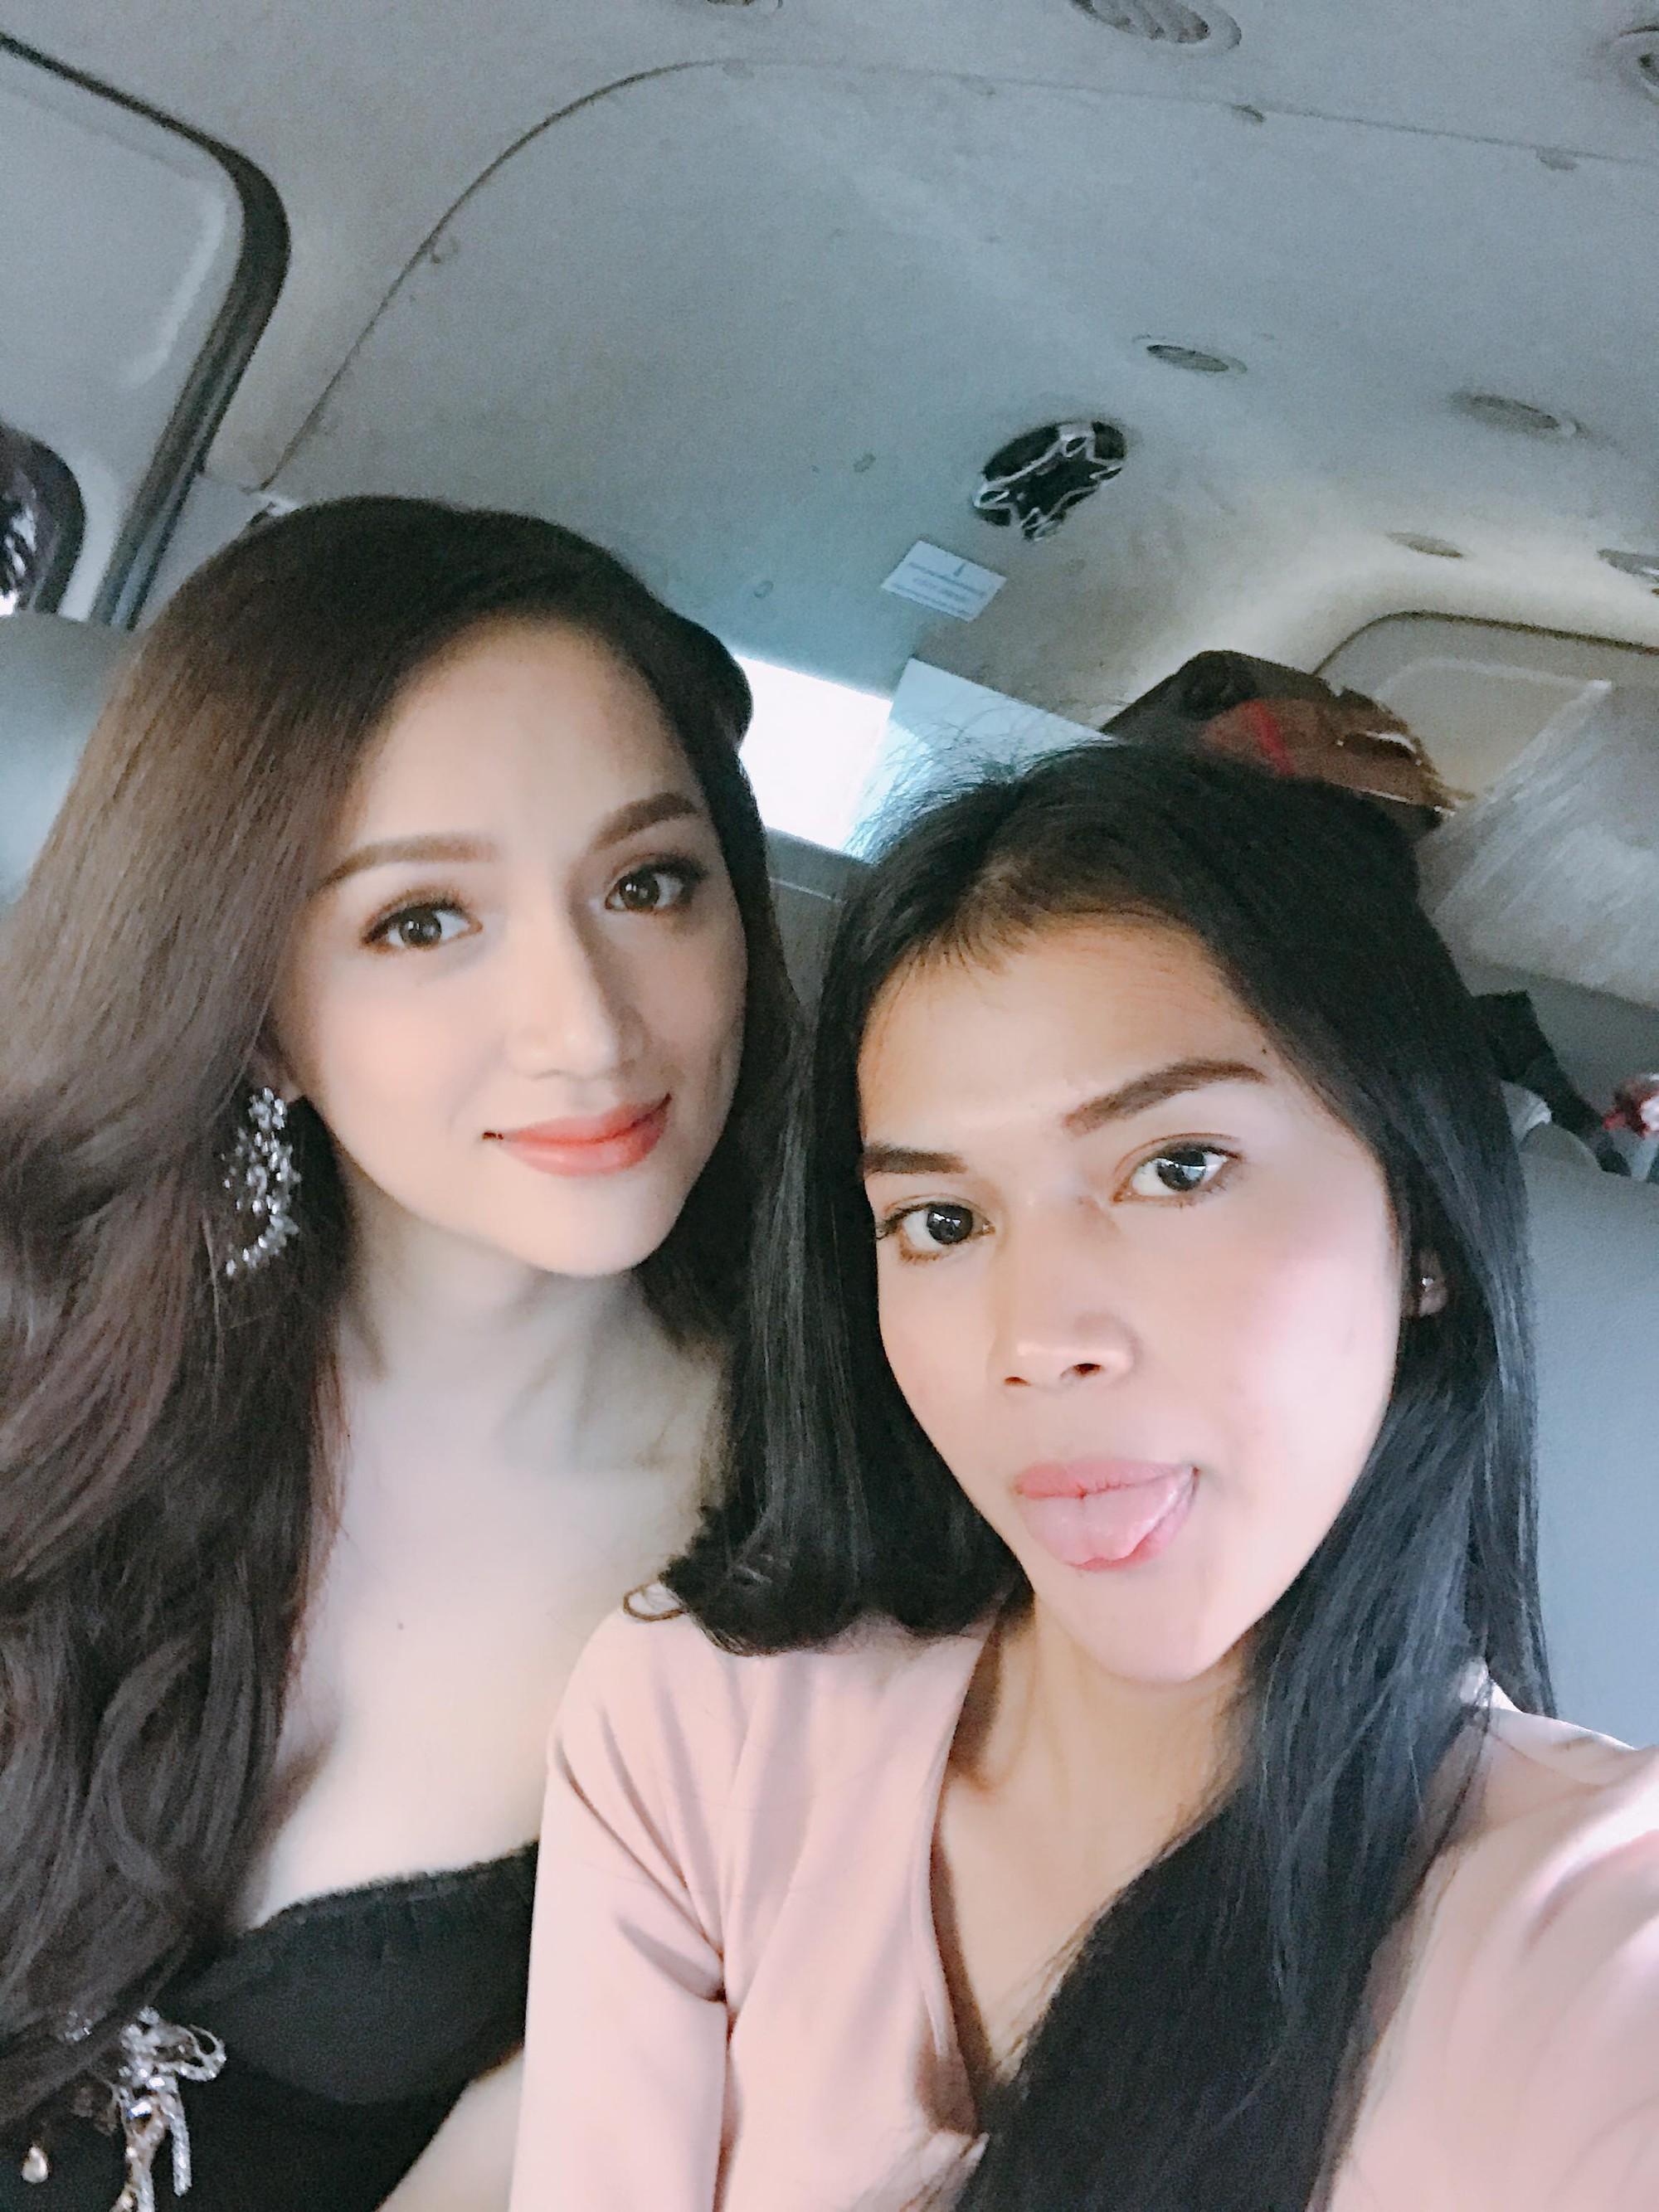 Vừa có mặt tham dự Hoa hậu Chuyển giới Quốc tế, Hương Giang đã xuất hiện nổi bật trên báo Thái - Ảnh 2.